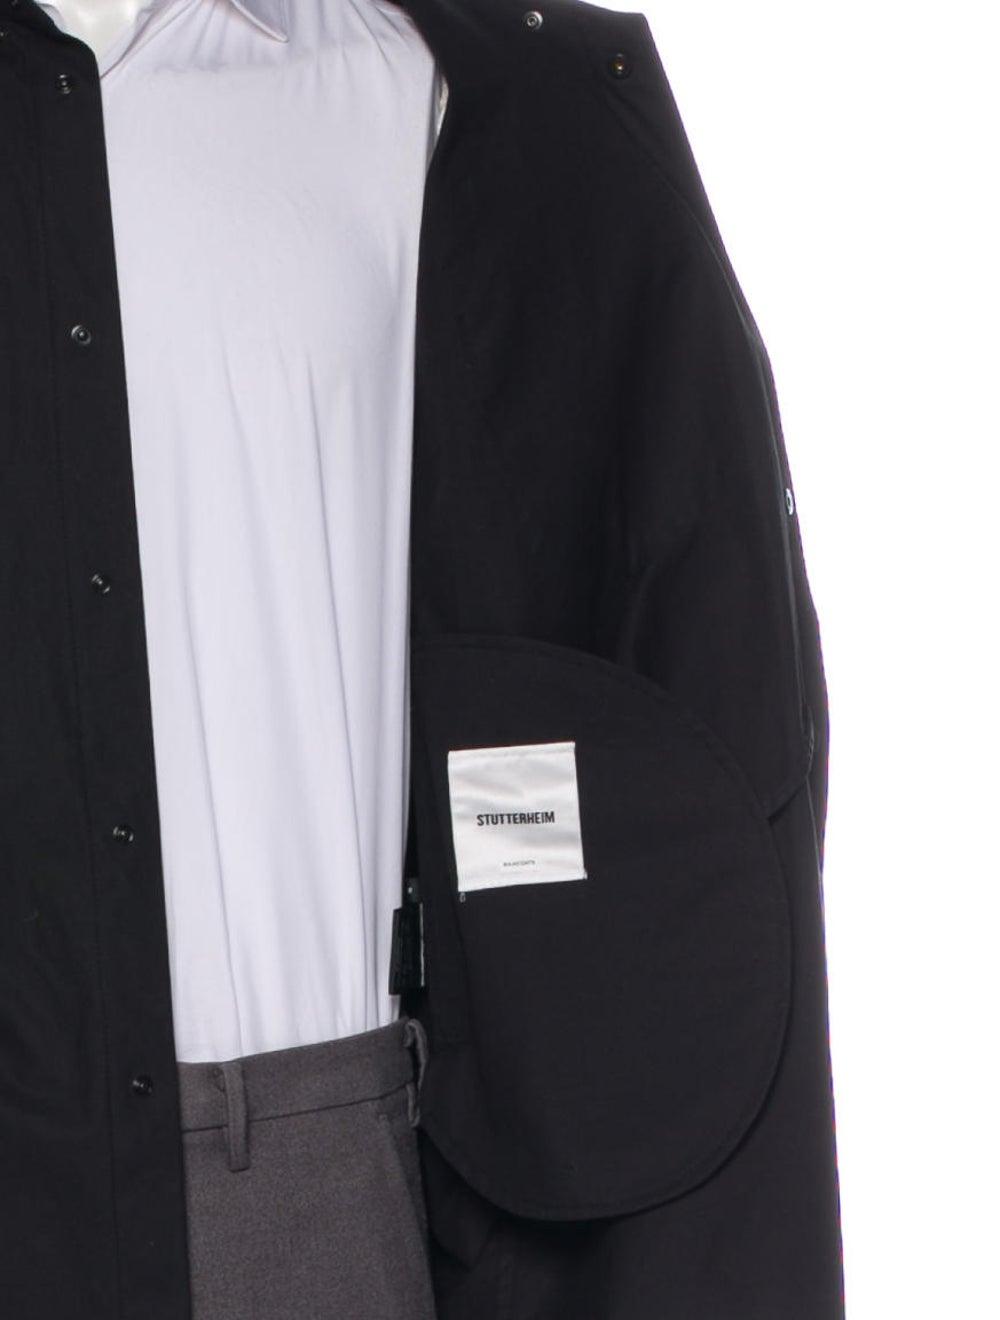 Stutterheim Coated Shirt Jacket - image 4